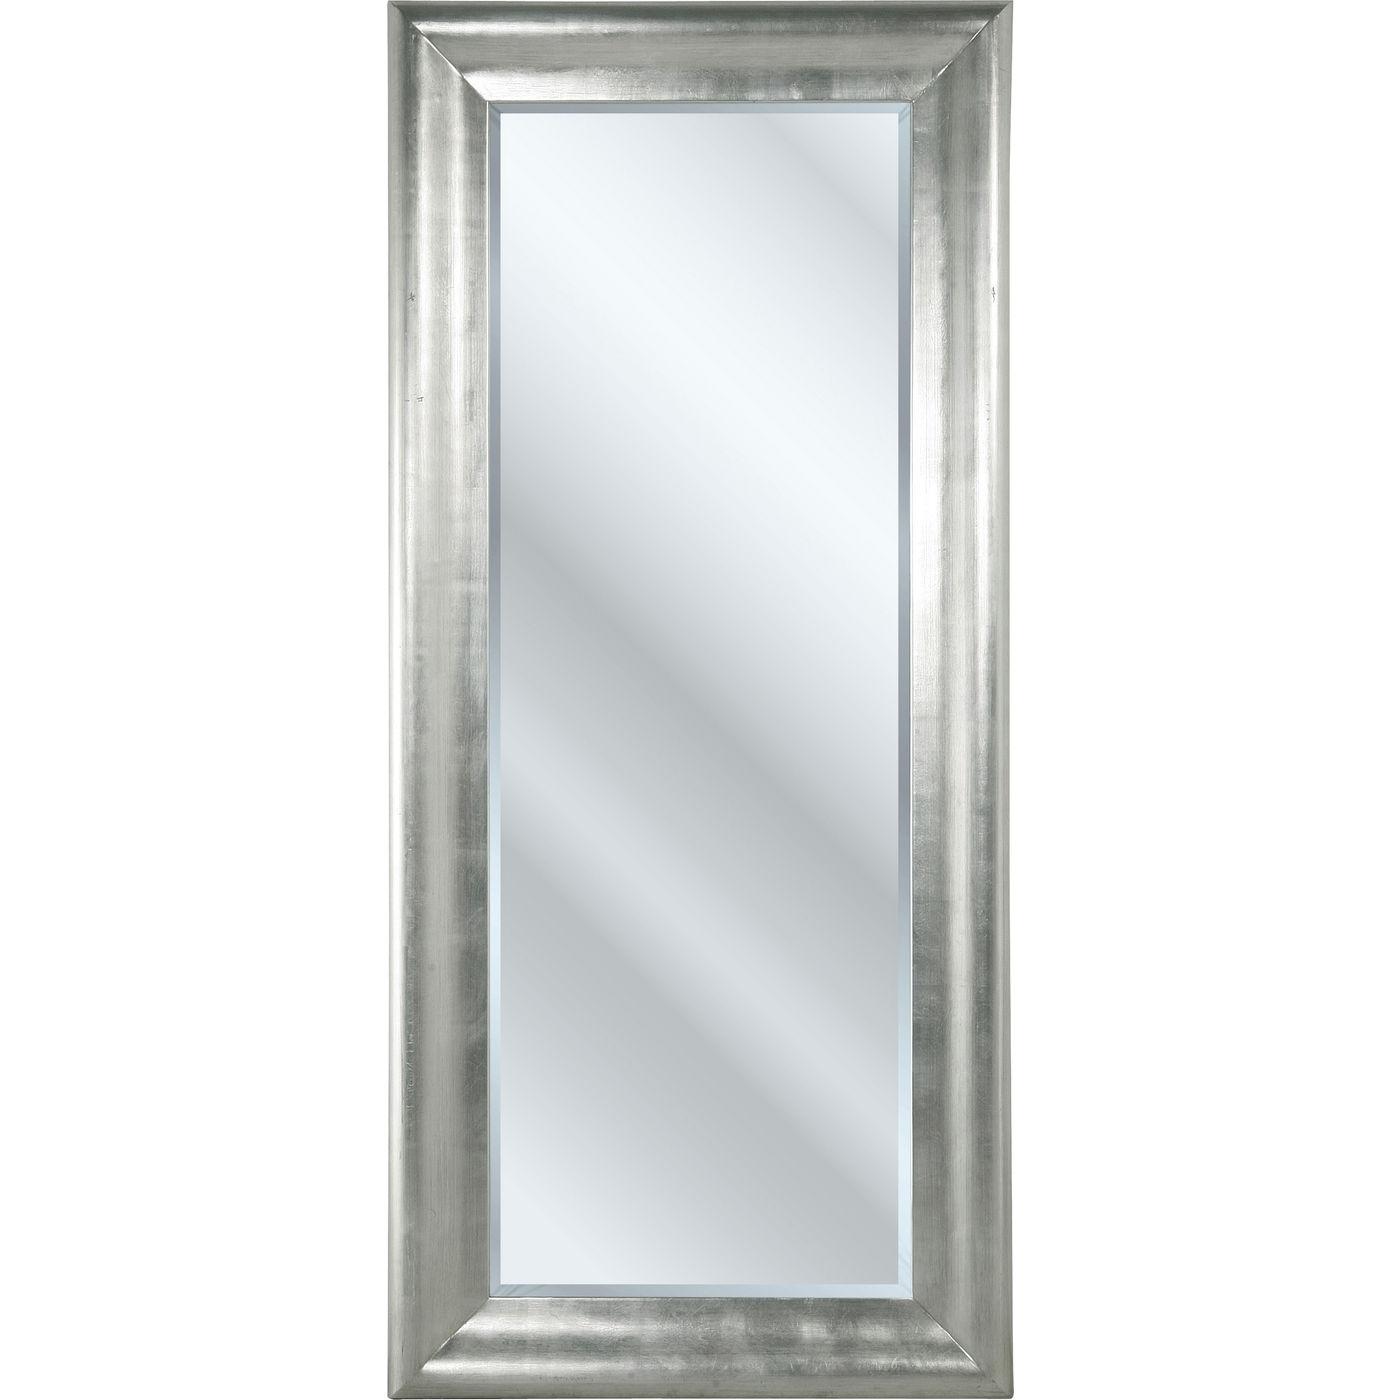 Spiegel Chic 200 x 90 cm Silber